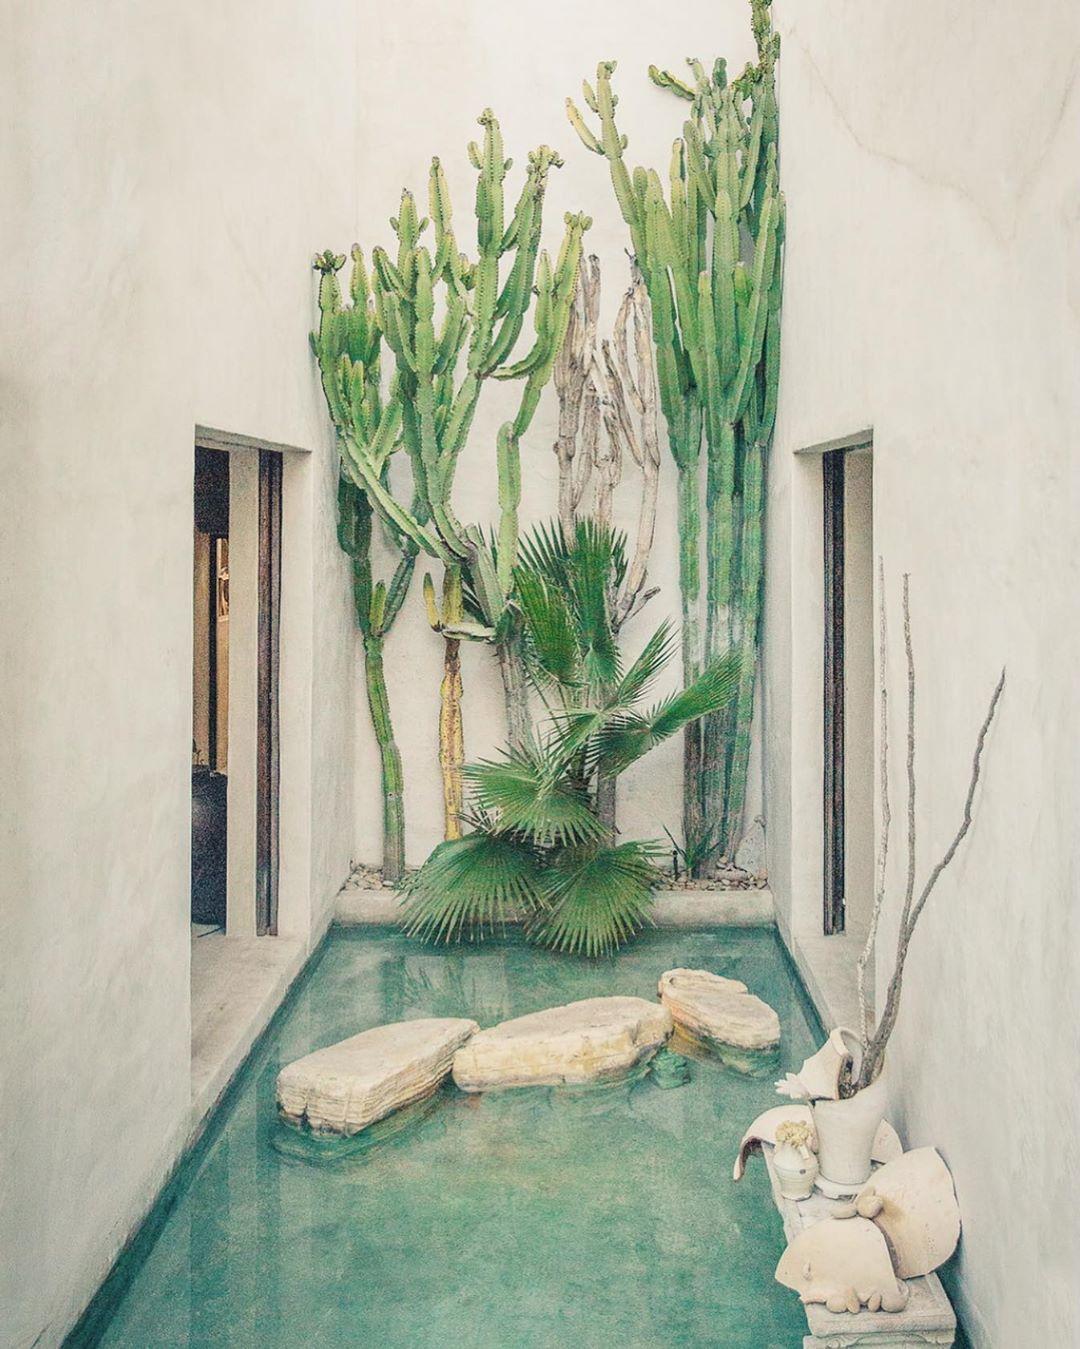 Garden Decor Los Angeles: 📍Los Angeles, US 🇺🇸 ⚡️